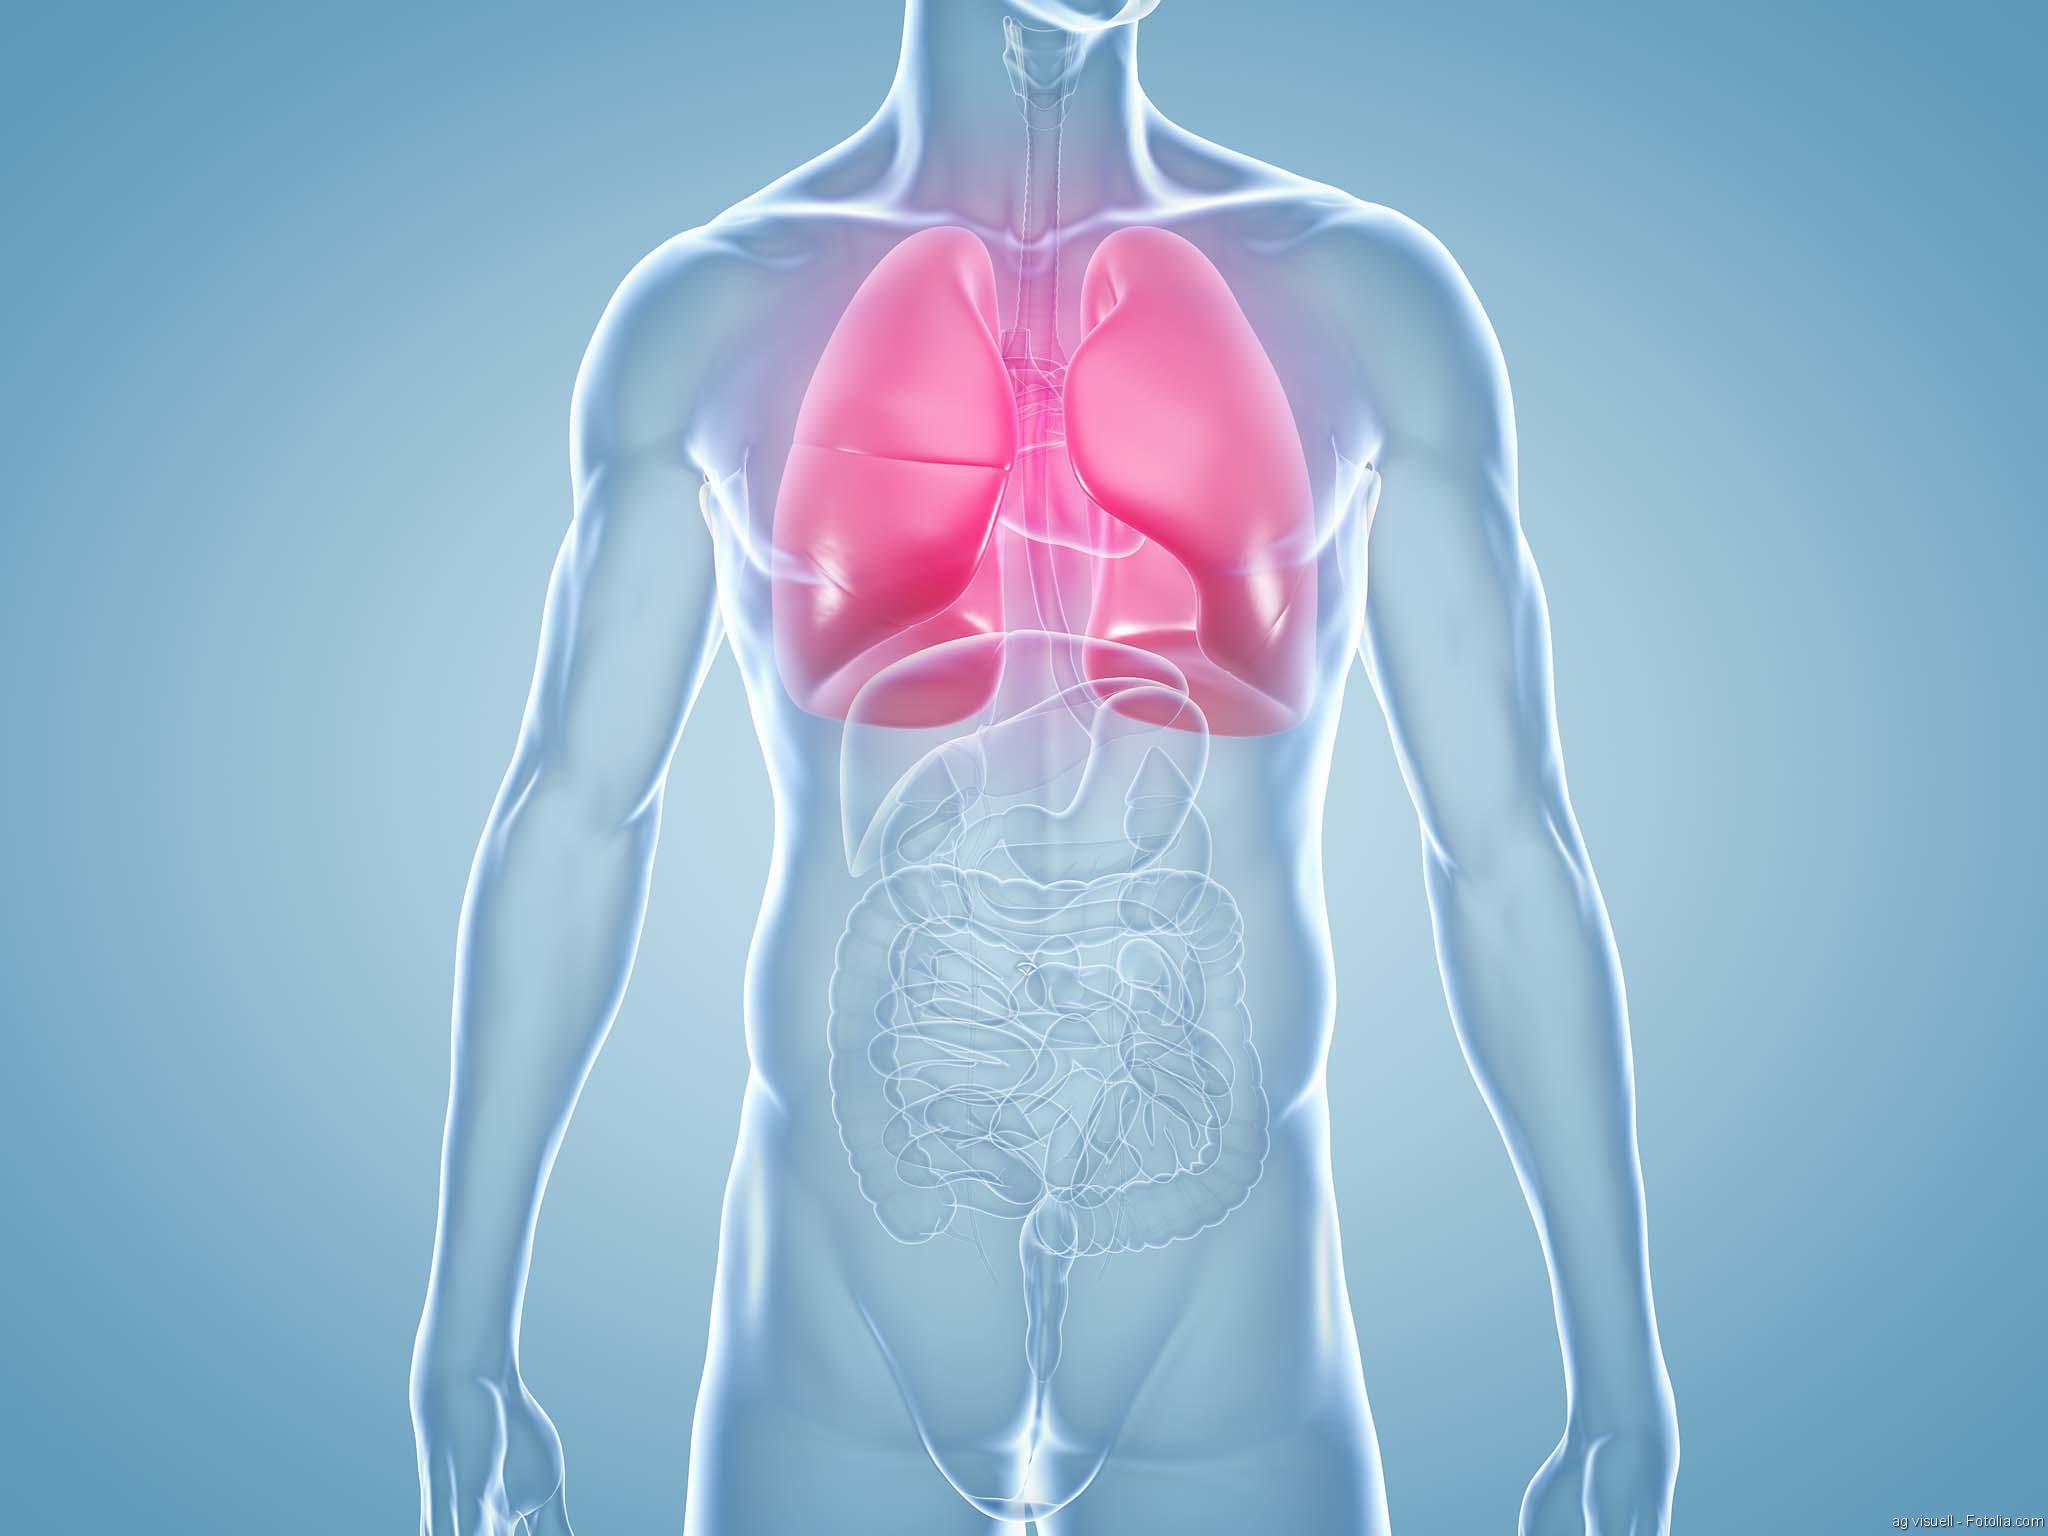 Organmangel, Infektionen bei Organempfängern, Lungenkrebs